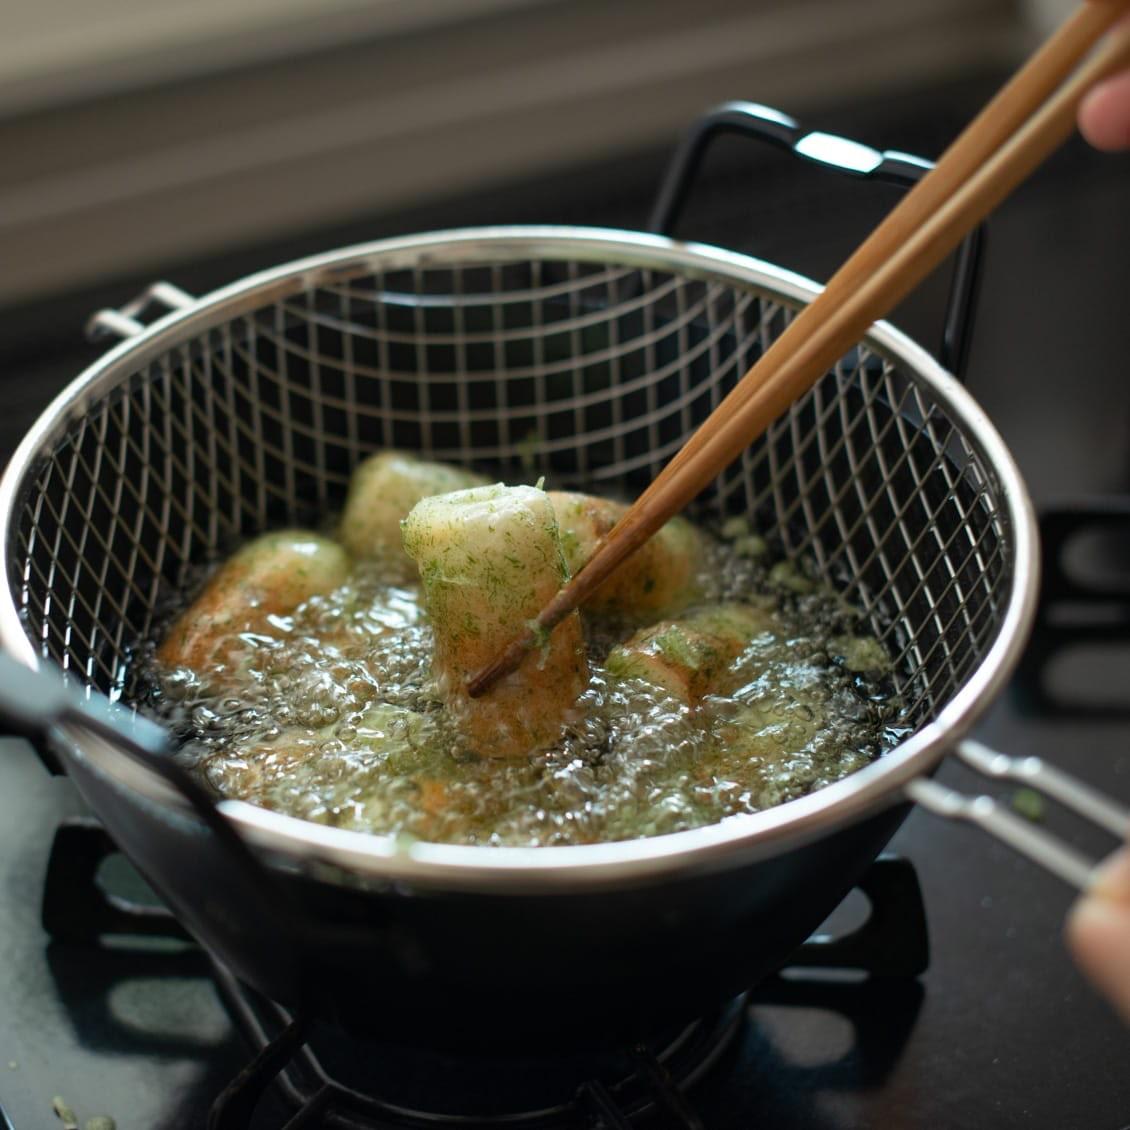 【スタッフの愛用品】苦手を克服!ラバーゼの揚げ鍋セットで揚げ物がとにかく楽しくなった♪